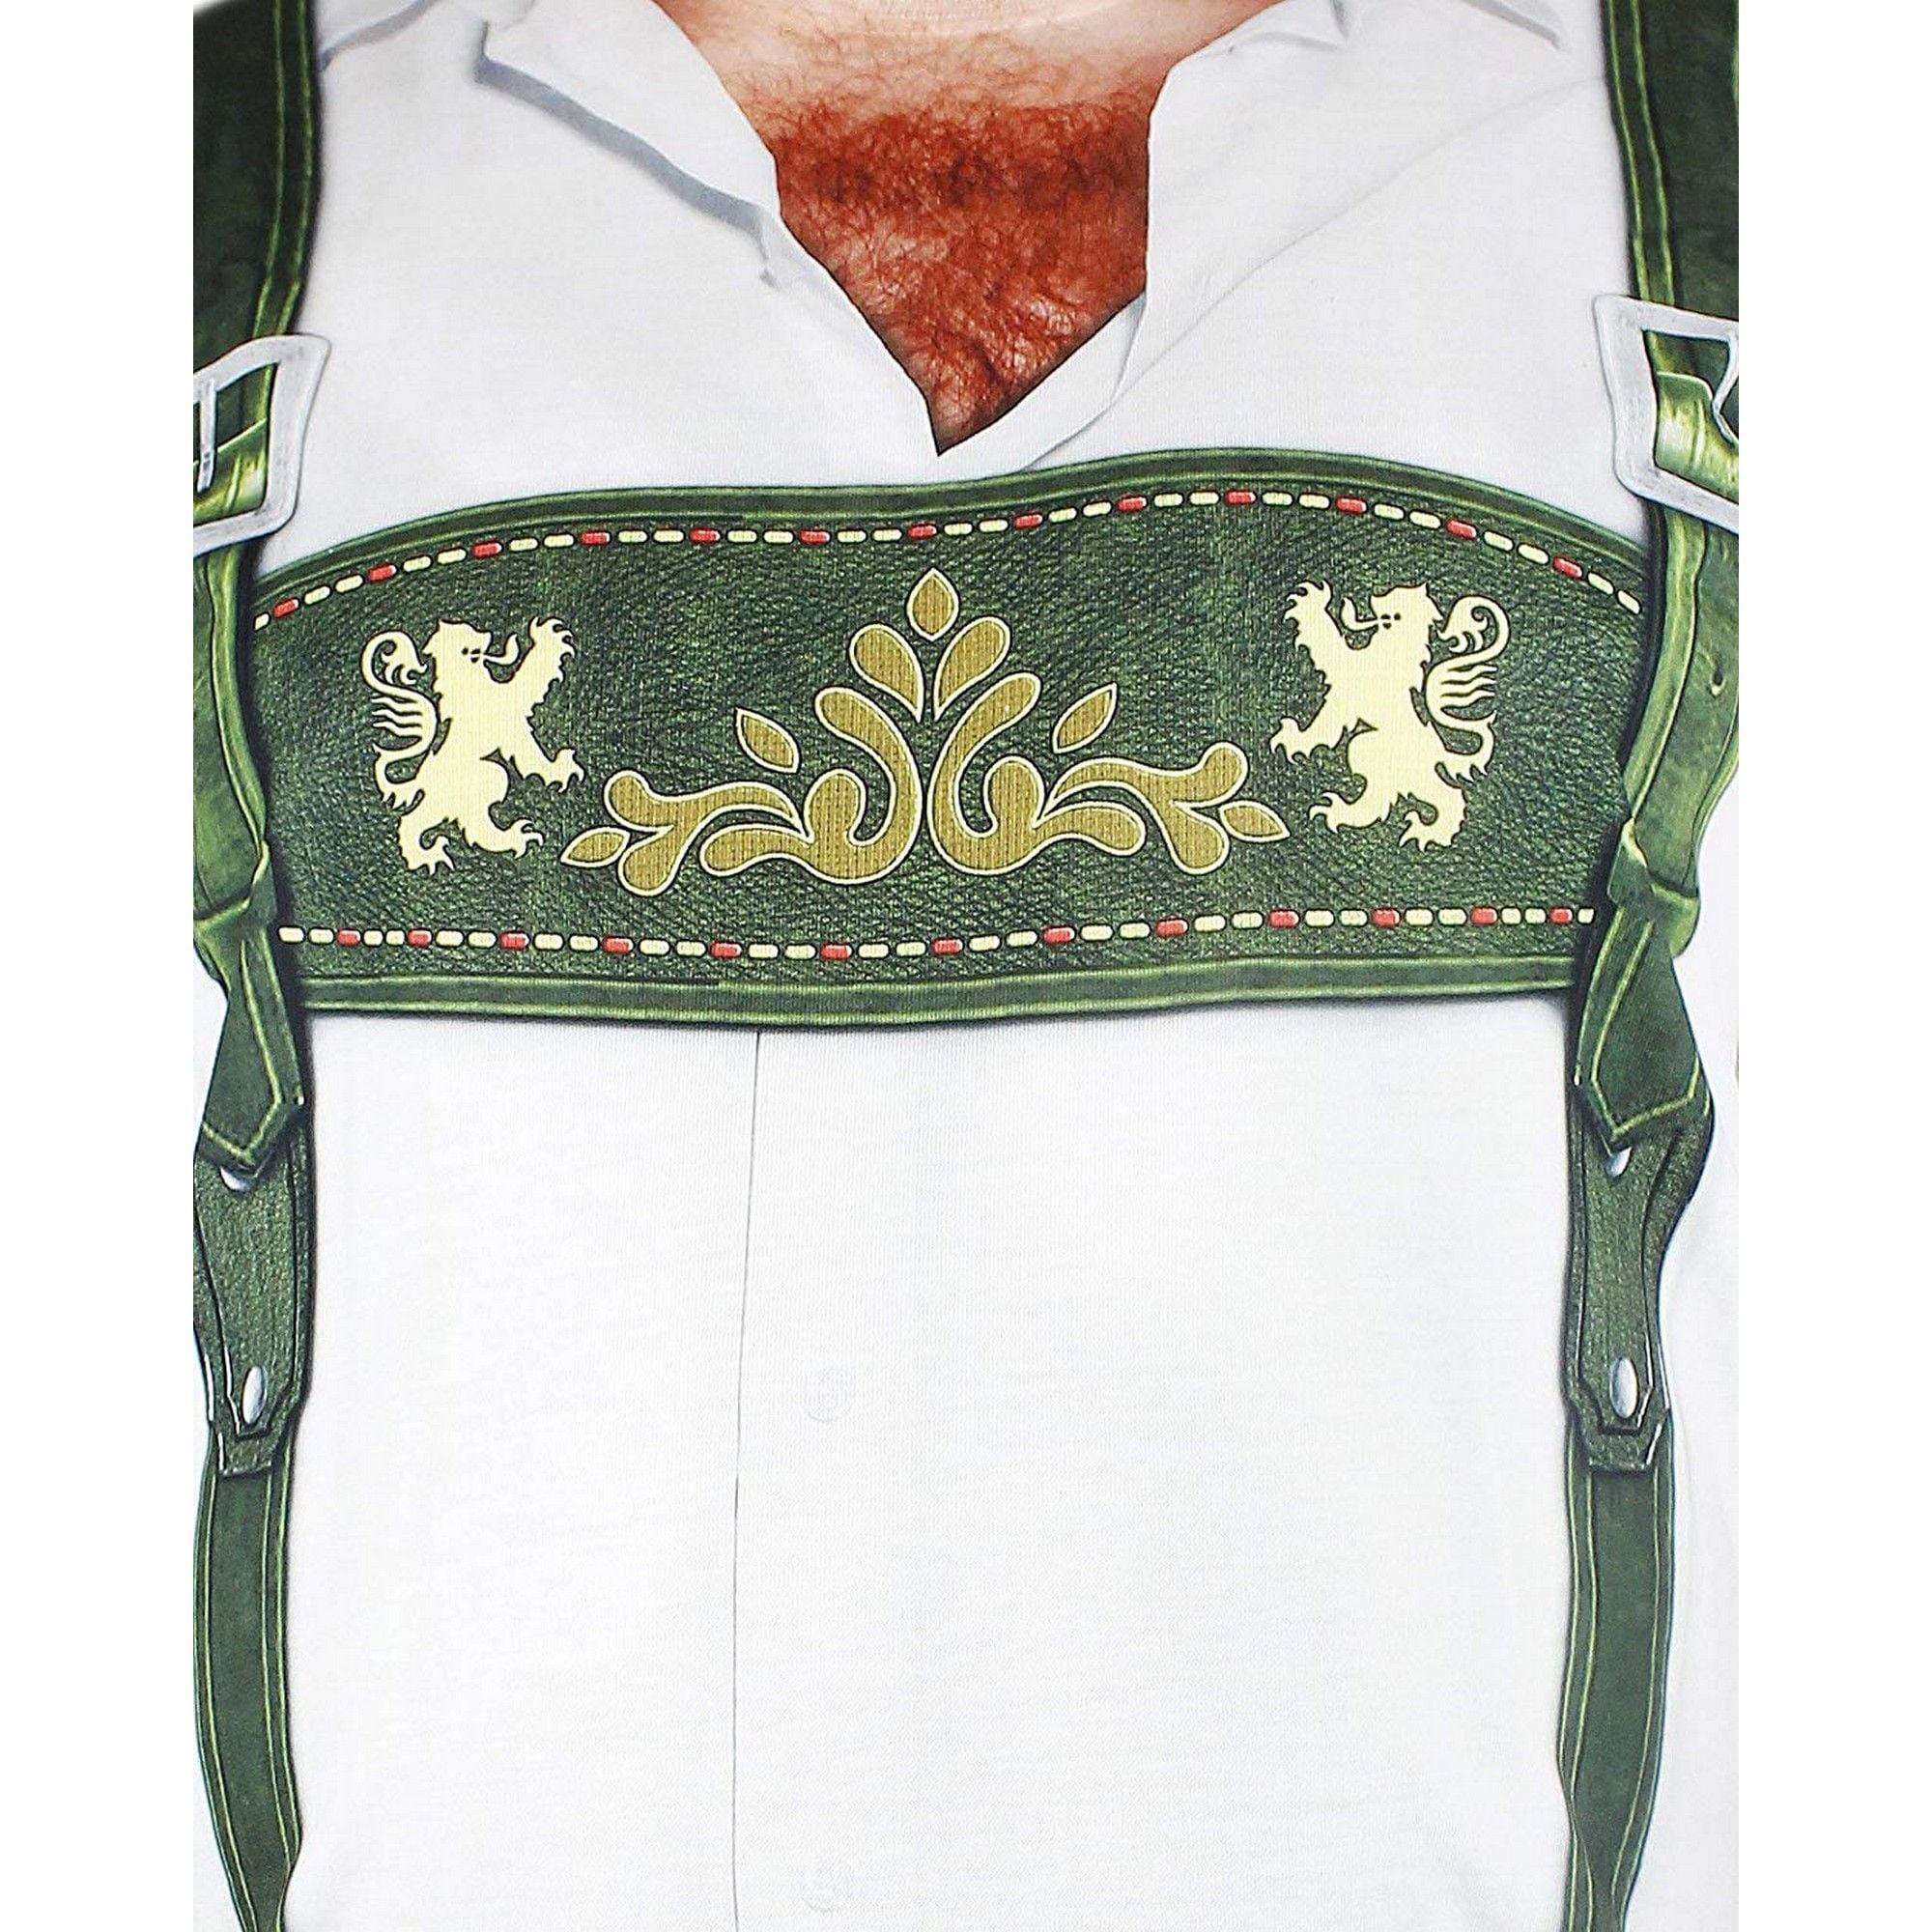 Adult Size Faux Real Oktoberfest T-Shirt for Men Lederhosen Hairy Chest Design